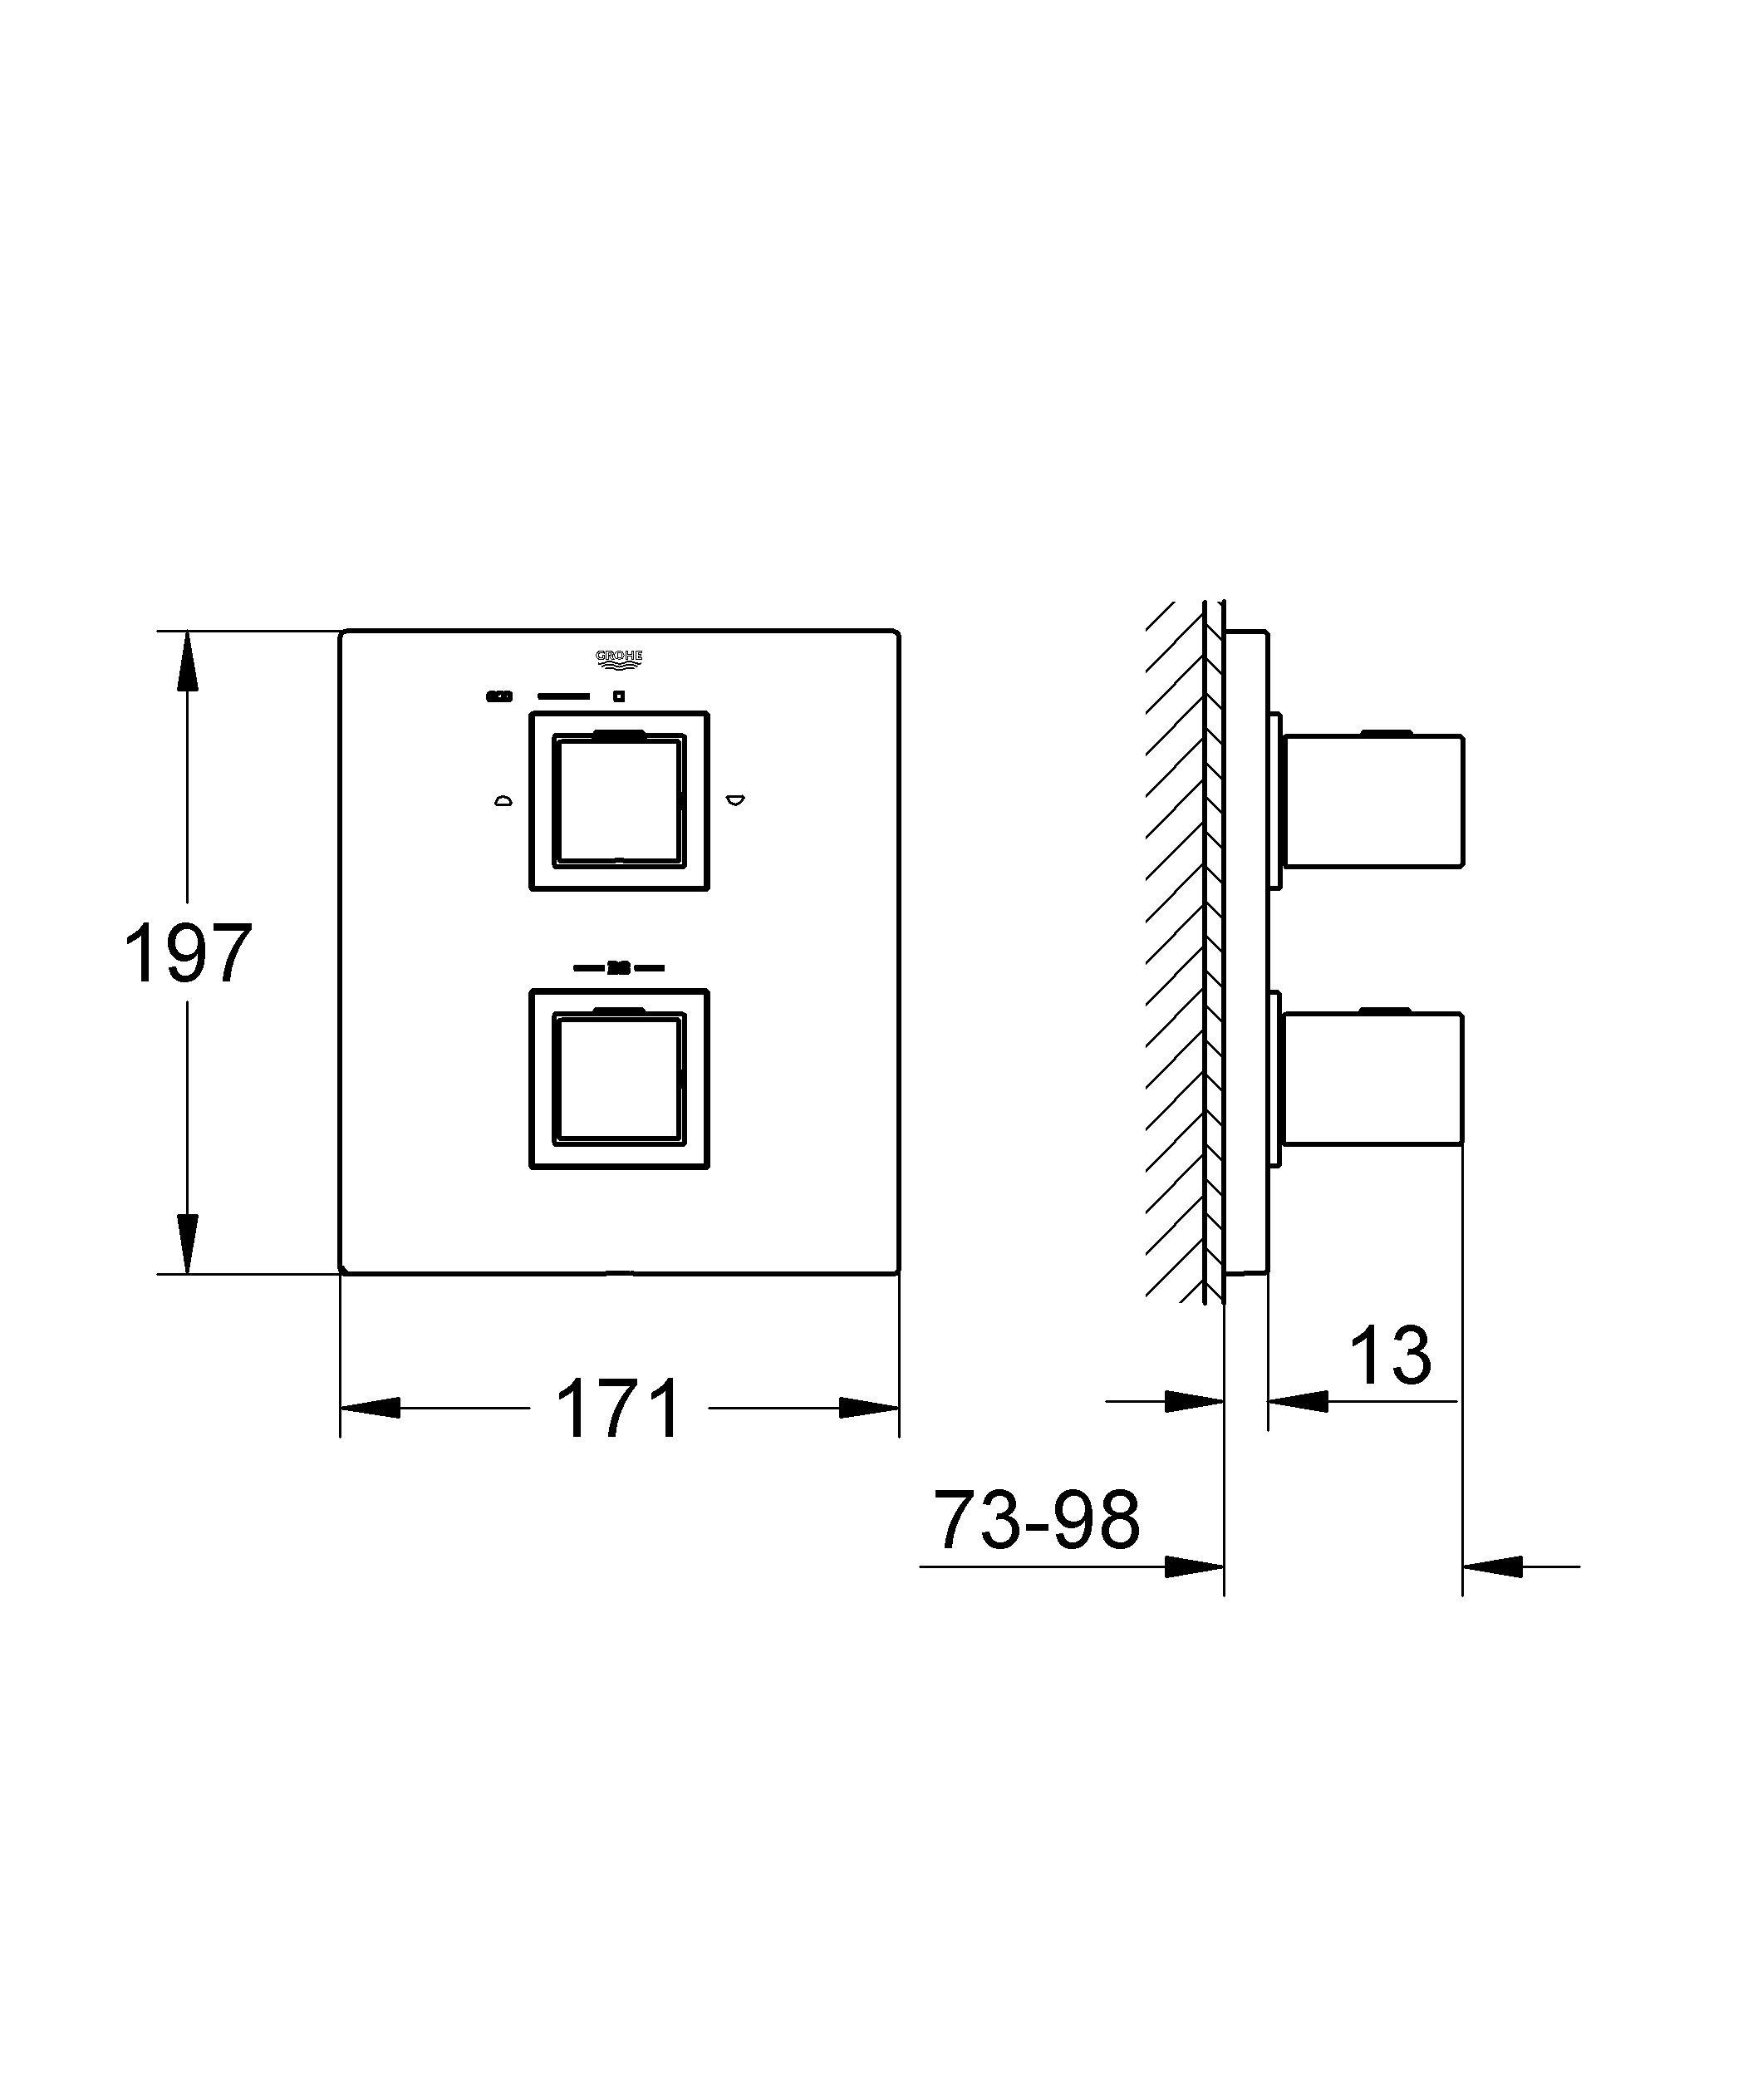 GROHE Grohtherm Cube: комплект наружной части для настенного монтажа, с эффектным дизайном и великолепными рабочими характеристиками Этот блок управления с глянцевым покрытием гармонично сочетается с оборудованием серии GROHE Eurocube. Рукоятки кубической формы отличаются великолепной эргономикой и обеспечивают точность управления, позволяя с легкостью регулировать температуру и напор воды. Регулятор AquaDimmer Eco позволяет плавно перенаправлять поток воды между выпуском для ванны и душем либо между верхним и ручным душами. Стопор SafeStop оберегает Вас от ошпаривания, предотвращая случайное увеличение температуры, а переключатель EcoButton позволяет перевести душ в режим ограниченного расхода воды. Система монтажа GROHE QuickFix позволит быстро установить данное оборудование. Если Вам нравится строгий дизайн, основанный на четких линиях, выберите для преображения своей ванной комнаты данный термостат. Пожалуйста, обратите внимание на то, что данный комплект оборудования для настенного монтажа должен устанавливаться в комбинации со встраиваемым термостатом GROHE Rapido T (35500000). За счет технологии GROHE TurboStat, лежащей в основе его конструкции, данный термостат обеспечивает подачу воды заданной температуры уже через долю секунды, а также надежно поддерживает заданную температуру воды. Особенности:  Комплект верхней монтажной части для GROHE Rapido T 35 500 000 Без встраиваемого механизма GROHE StarLight хромированная поверхность  Стопор безопасности при 38°C GROHE AquaDimmer Plus многофункциональный - регулировка расхода - переключатель: ванна/душ - GROHE EcoButton (встроенная кнопка с функцией экономии воды для душа)